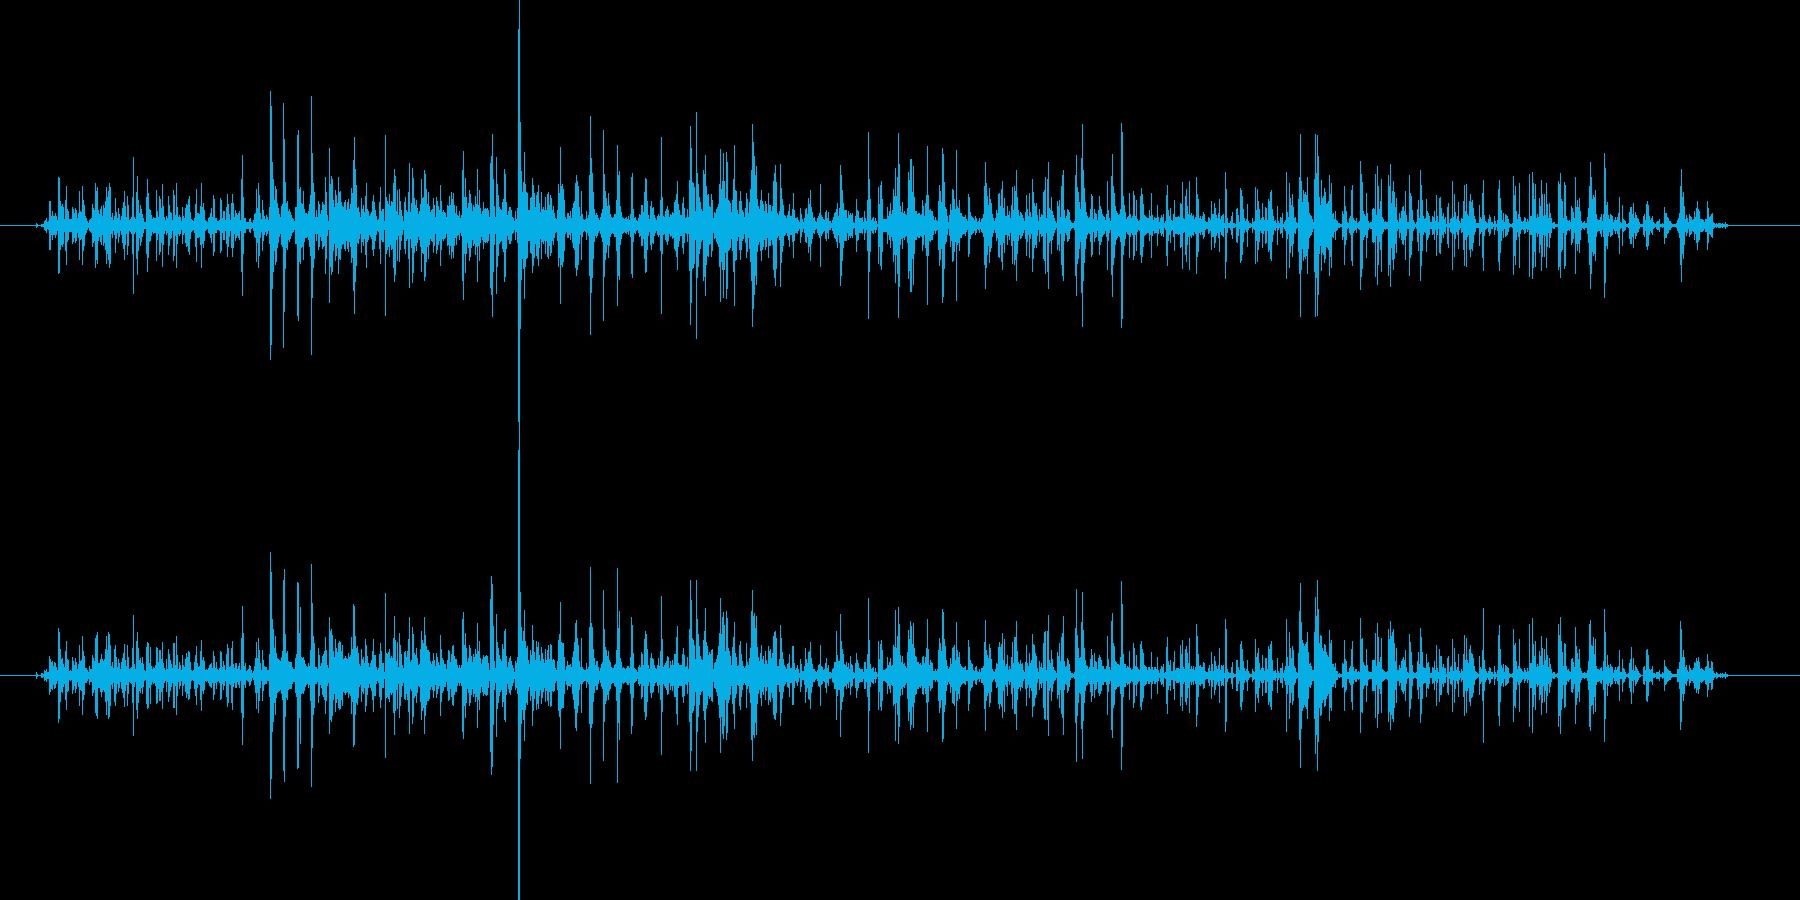 シャララーン…鈴の音色のような効果音の再生済みの波形